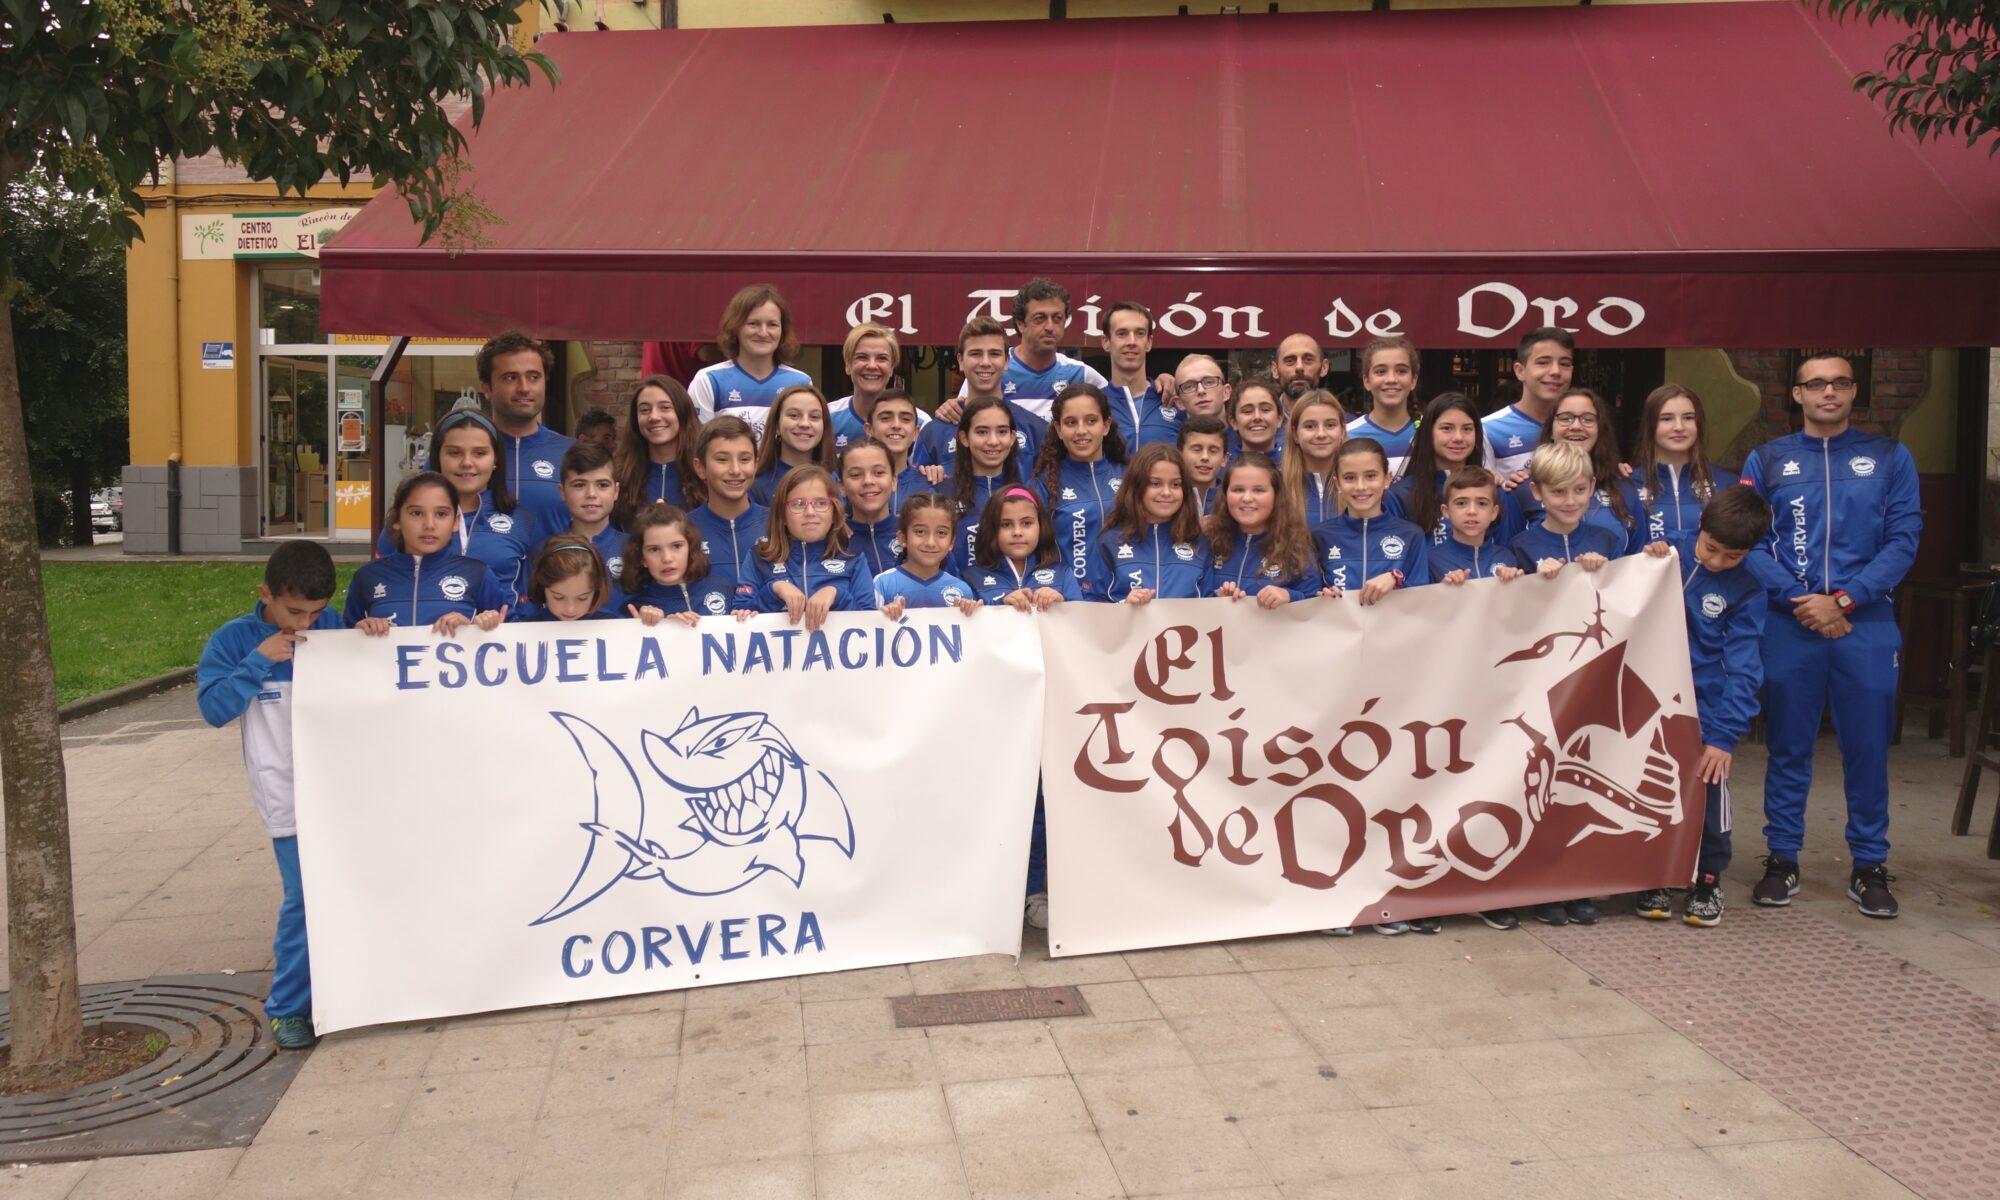 Escuela de Natación Corvera